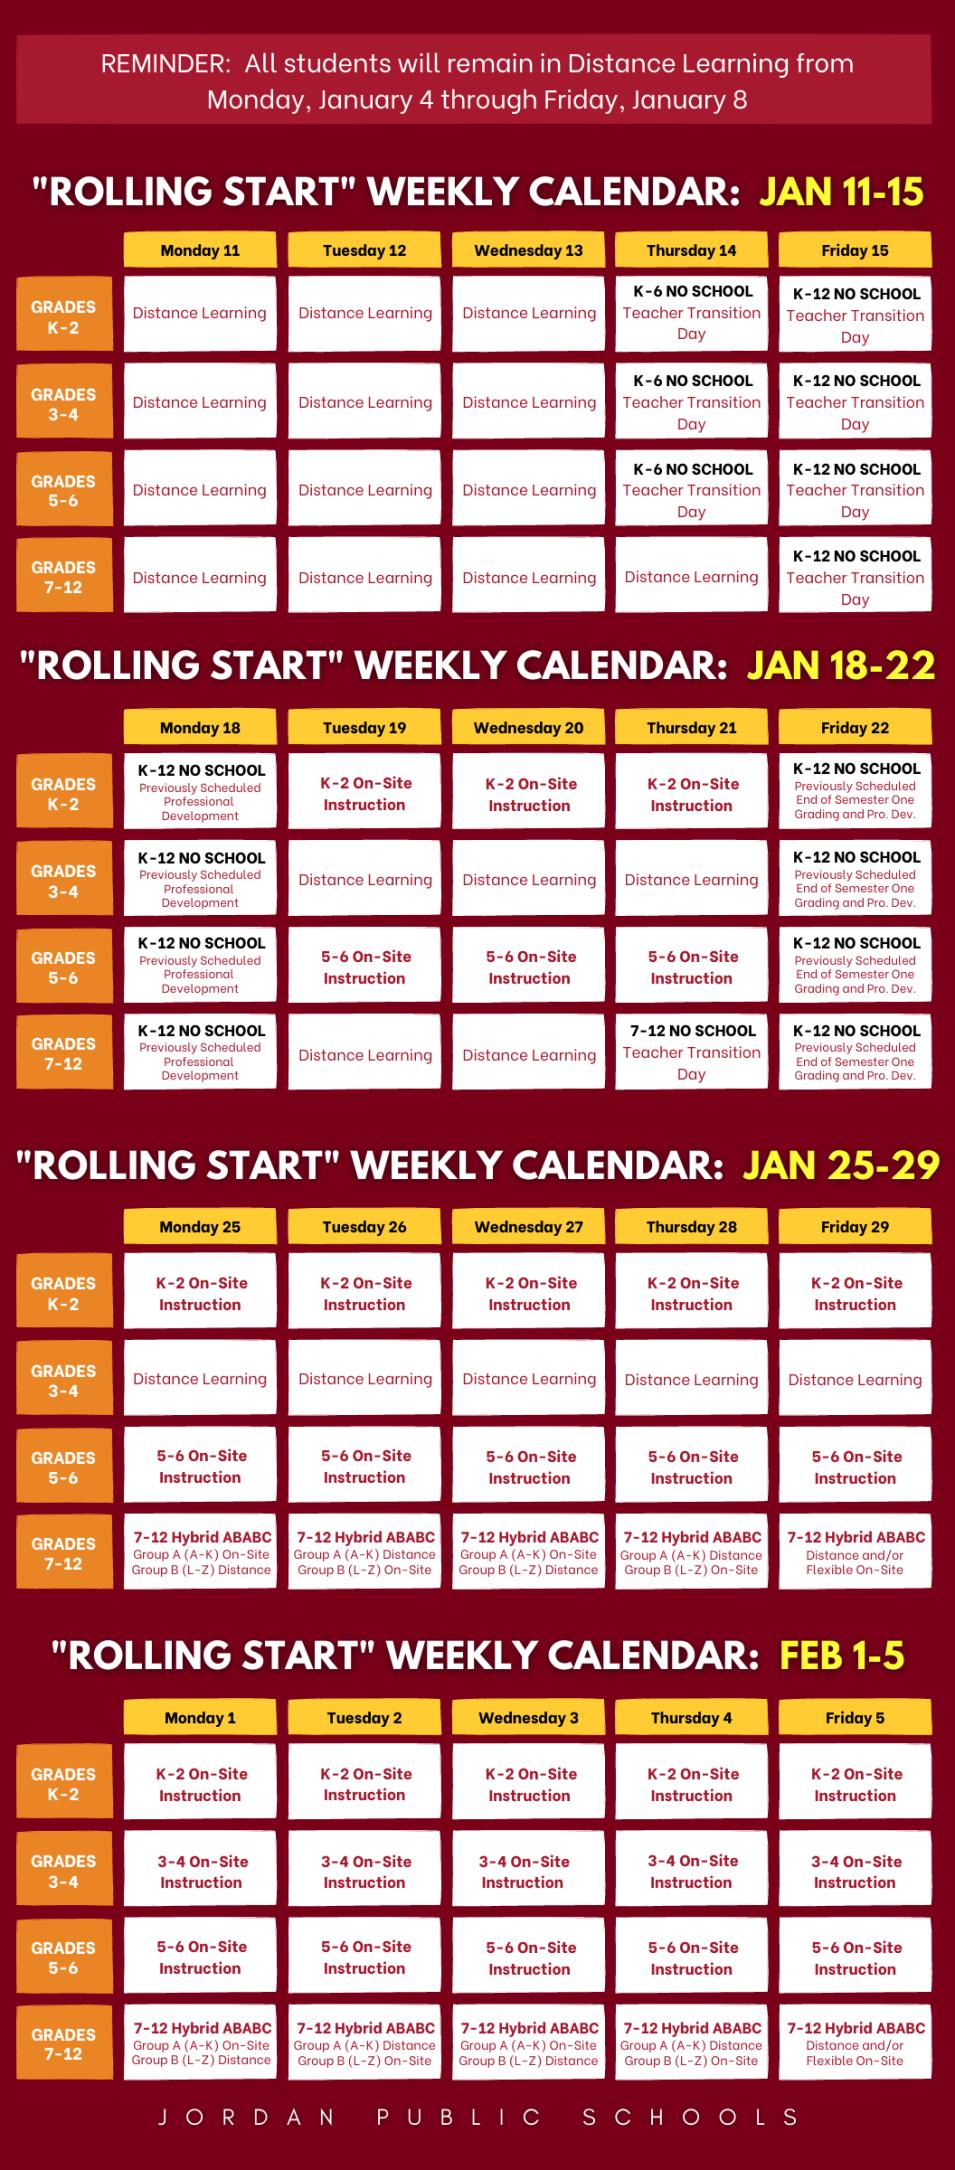 Jordan rolling start dates 2021